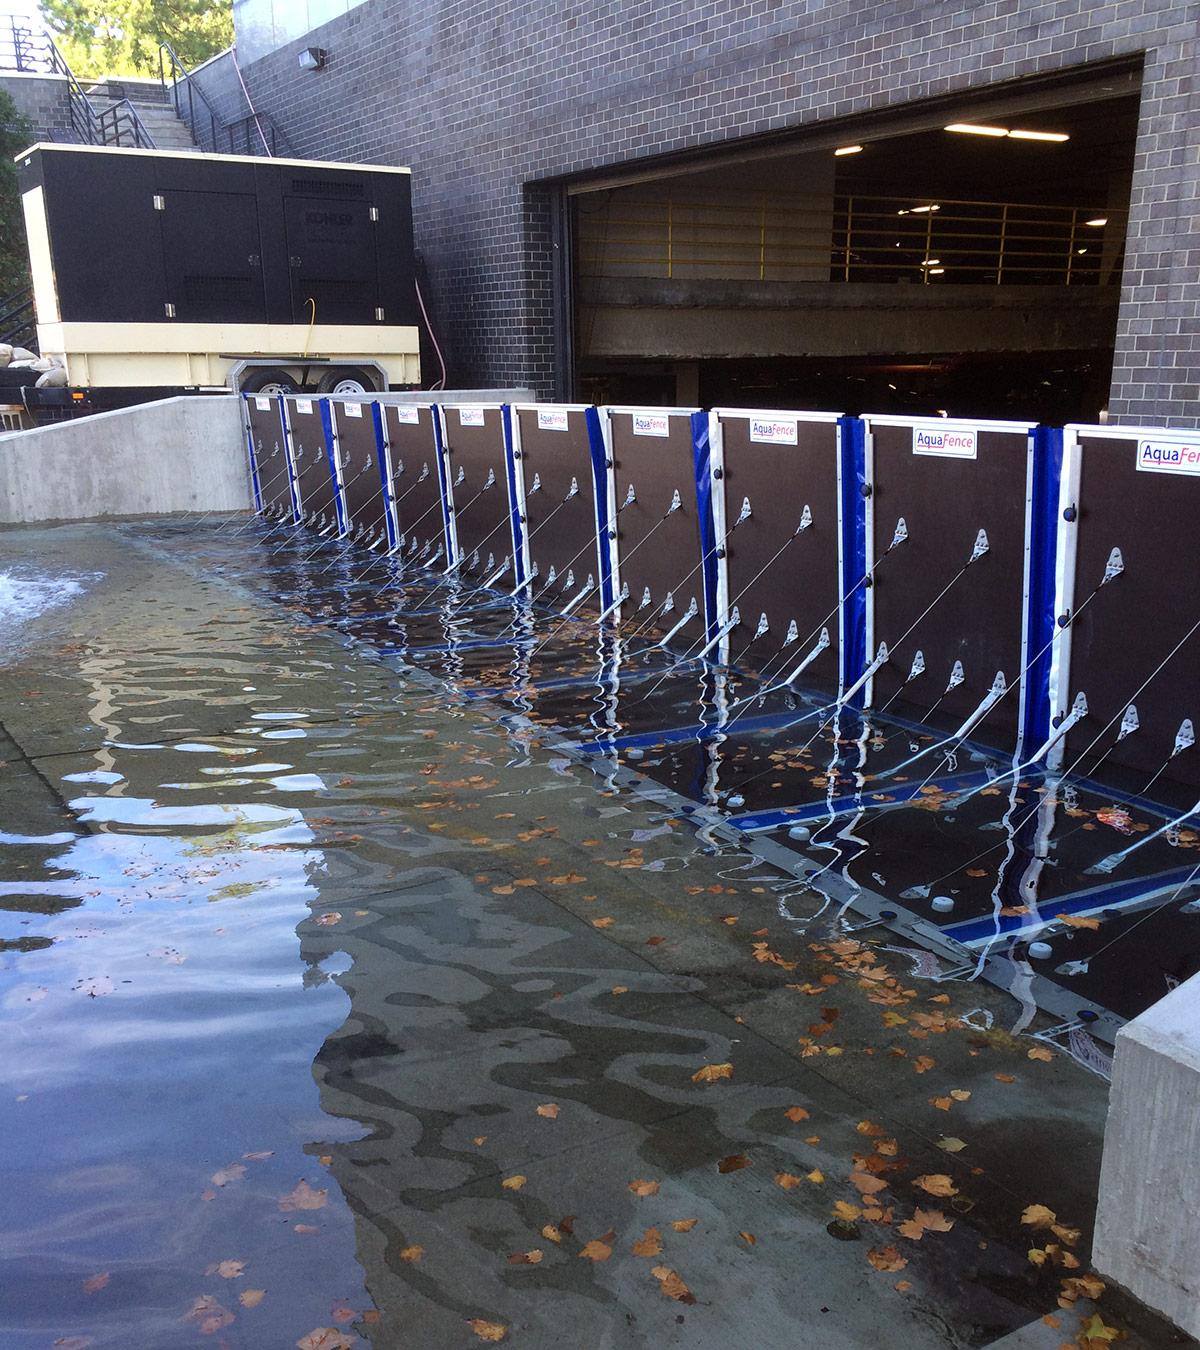 Planmäßiger und notfallmäßiger mobiler Hochwasserschutz   Ausgezeichnet mit dem höchsten Zertifizierungsgrad für Hochwasserschutzsysteme  - Einfassungen - Öffnungen - Integriert in Gebäude -